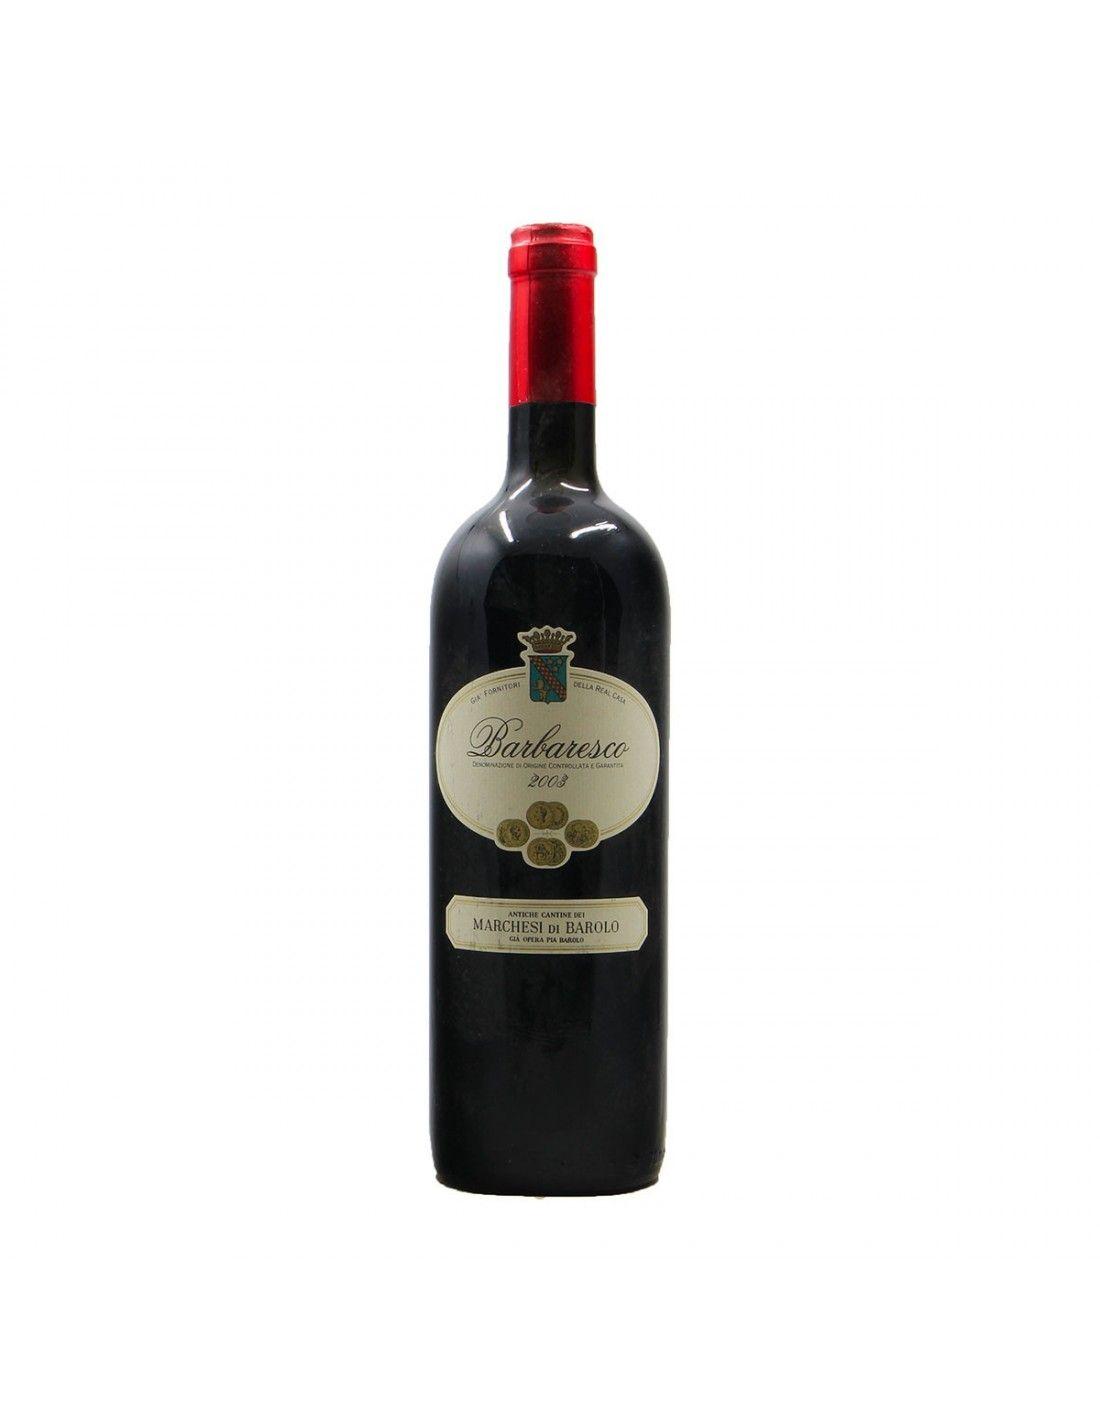 BARBARESCO 2003 MARCHESI DI BAROLO Grandi Bottiglie